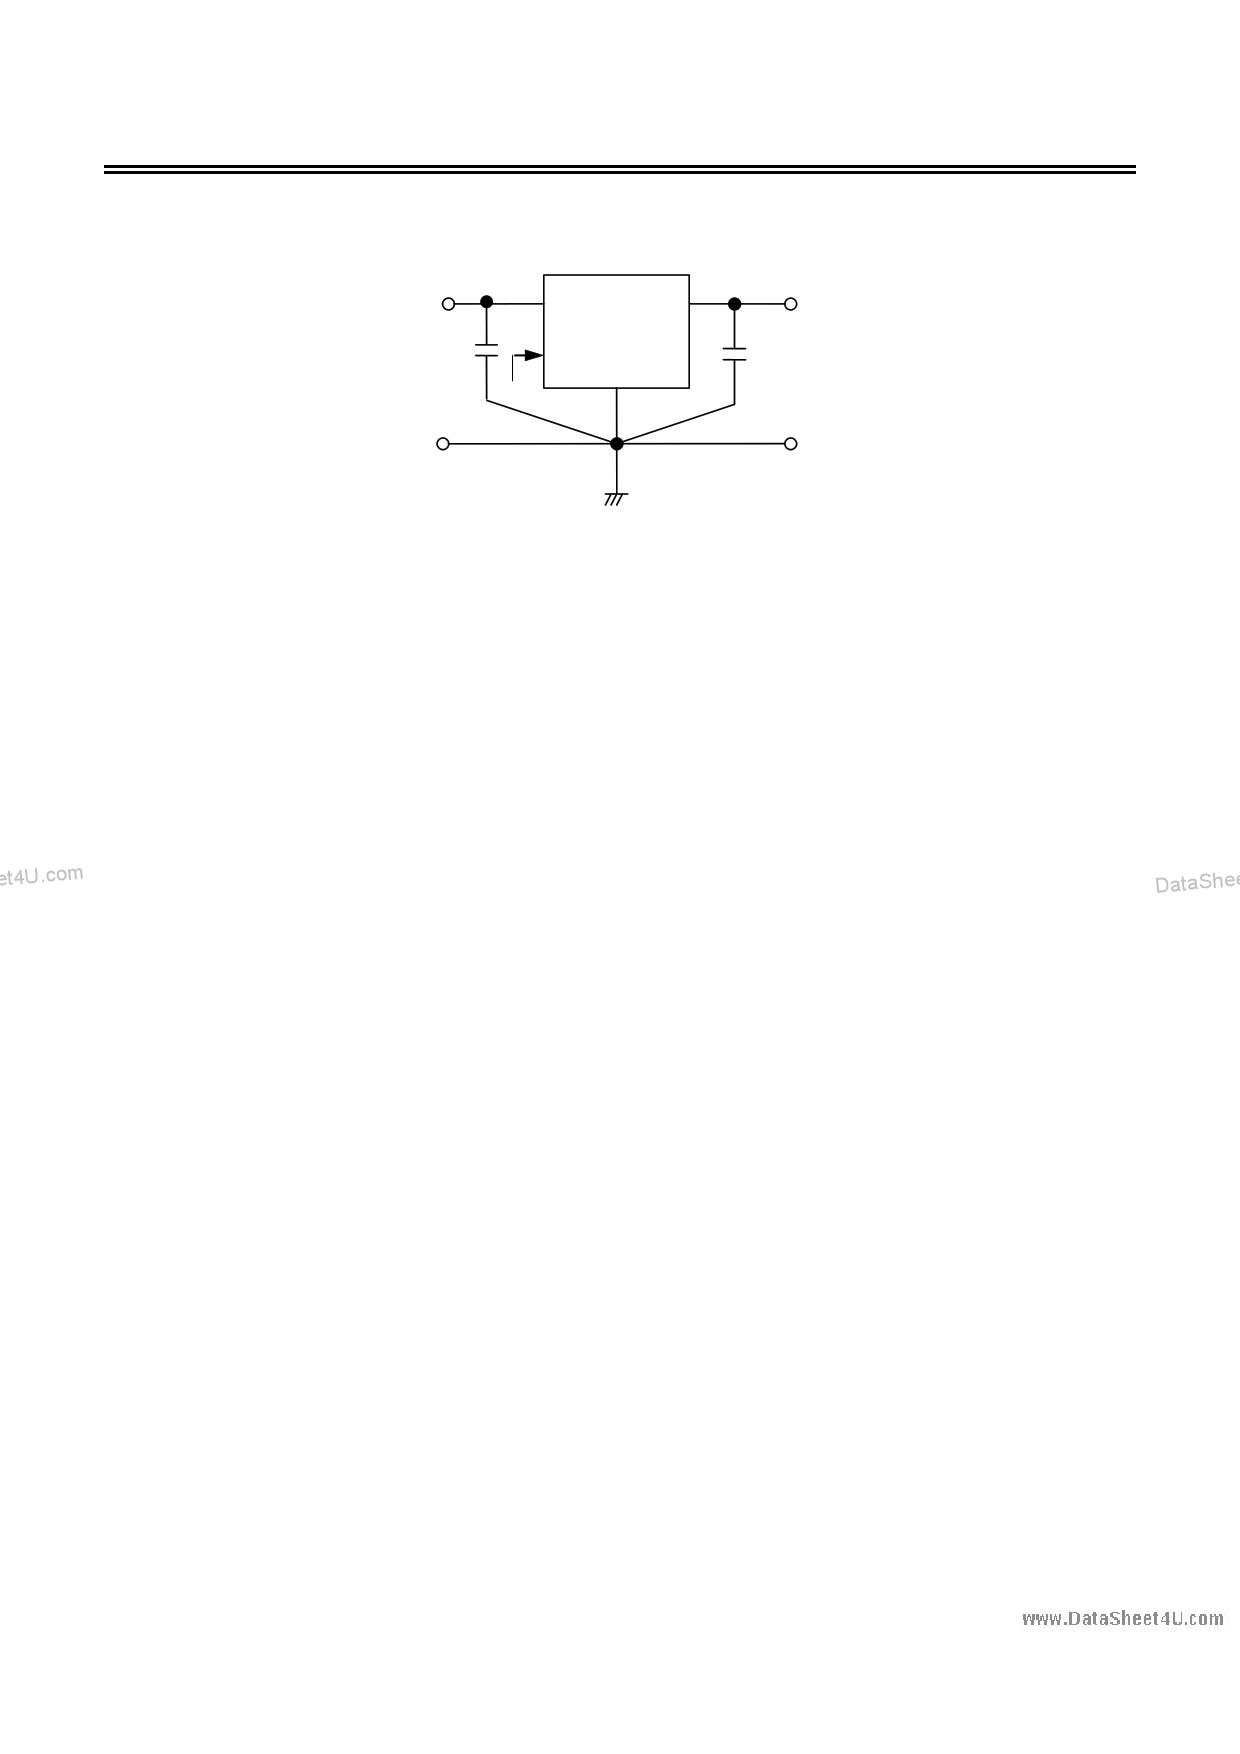 S-1132B34 arduino